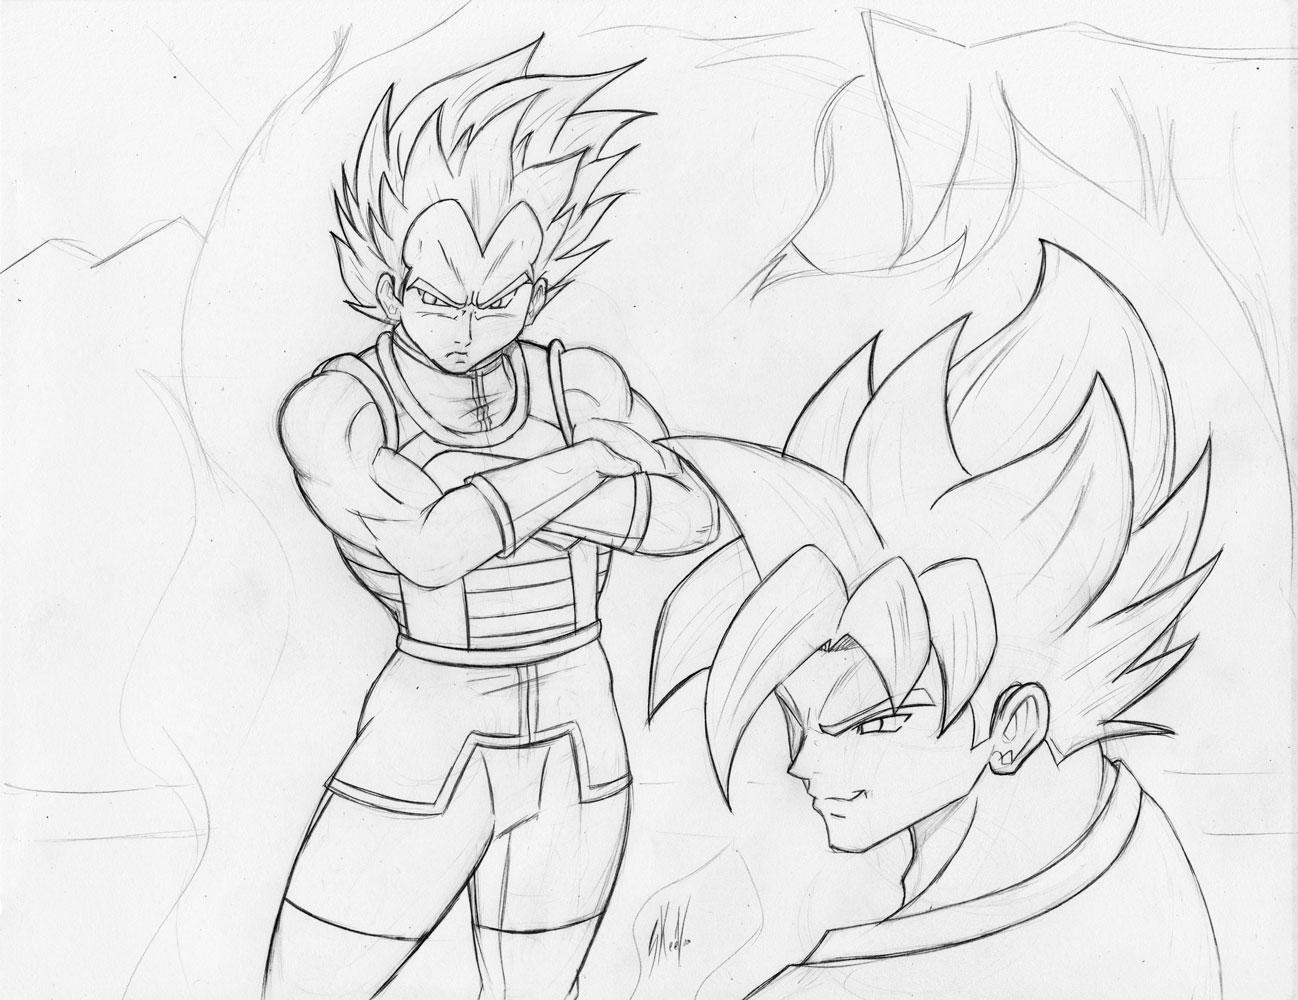 Majin Vegeta Vs Ssj2 Goku Lineart By Brusselthesaiyan On: Pencils By Skeezoo On DeviantArt